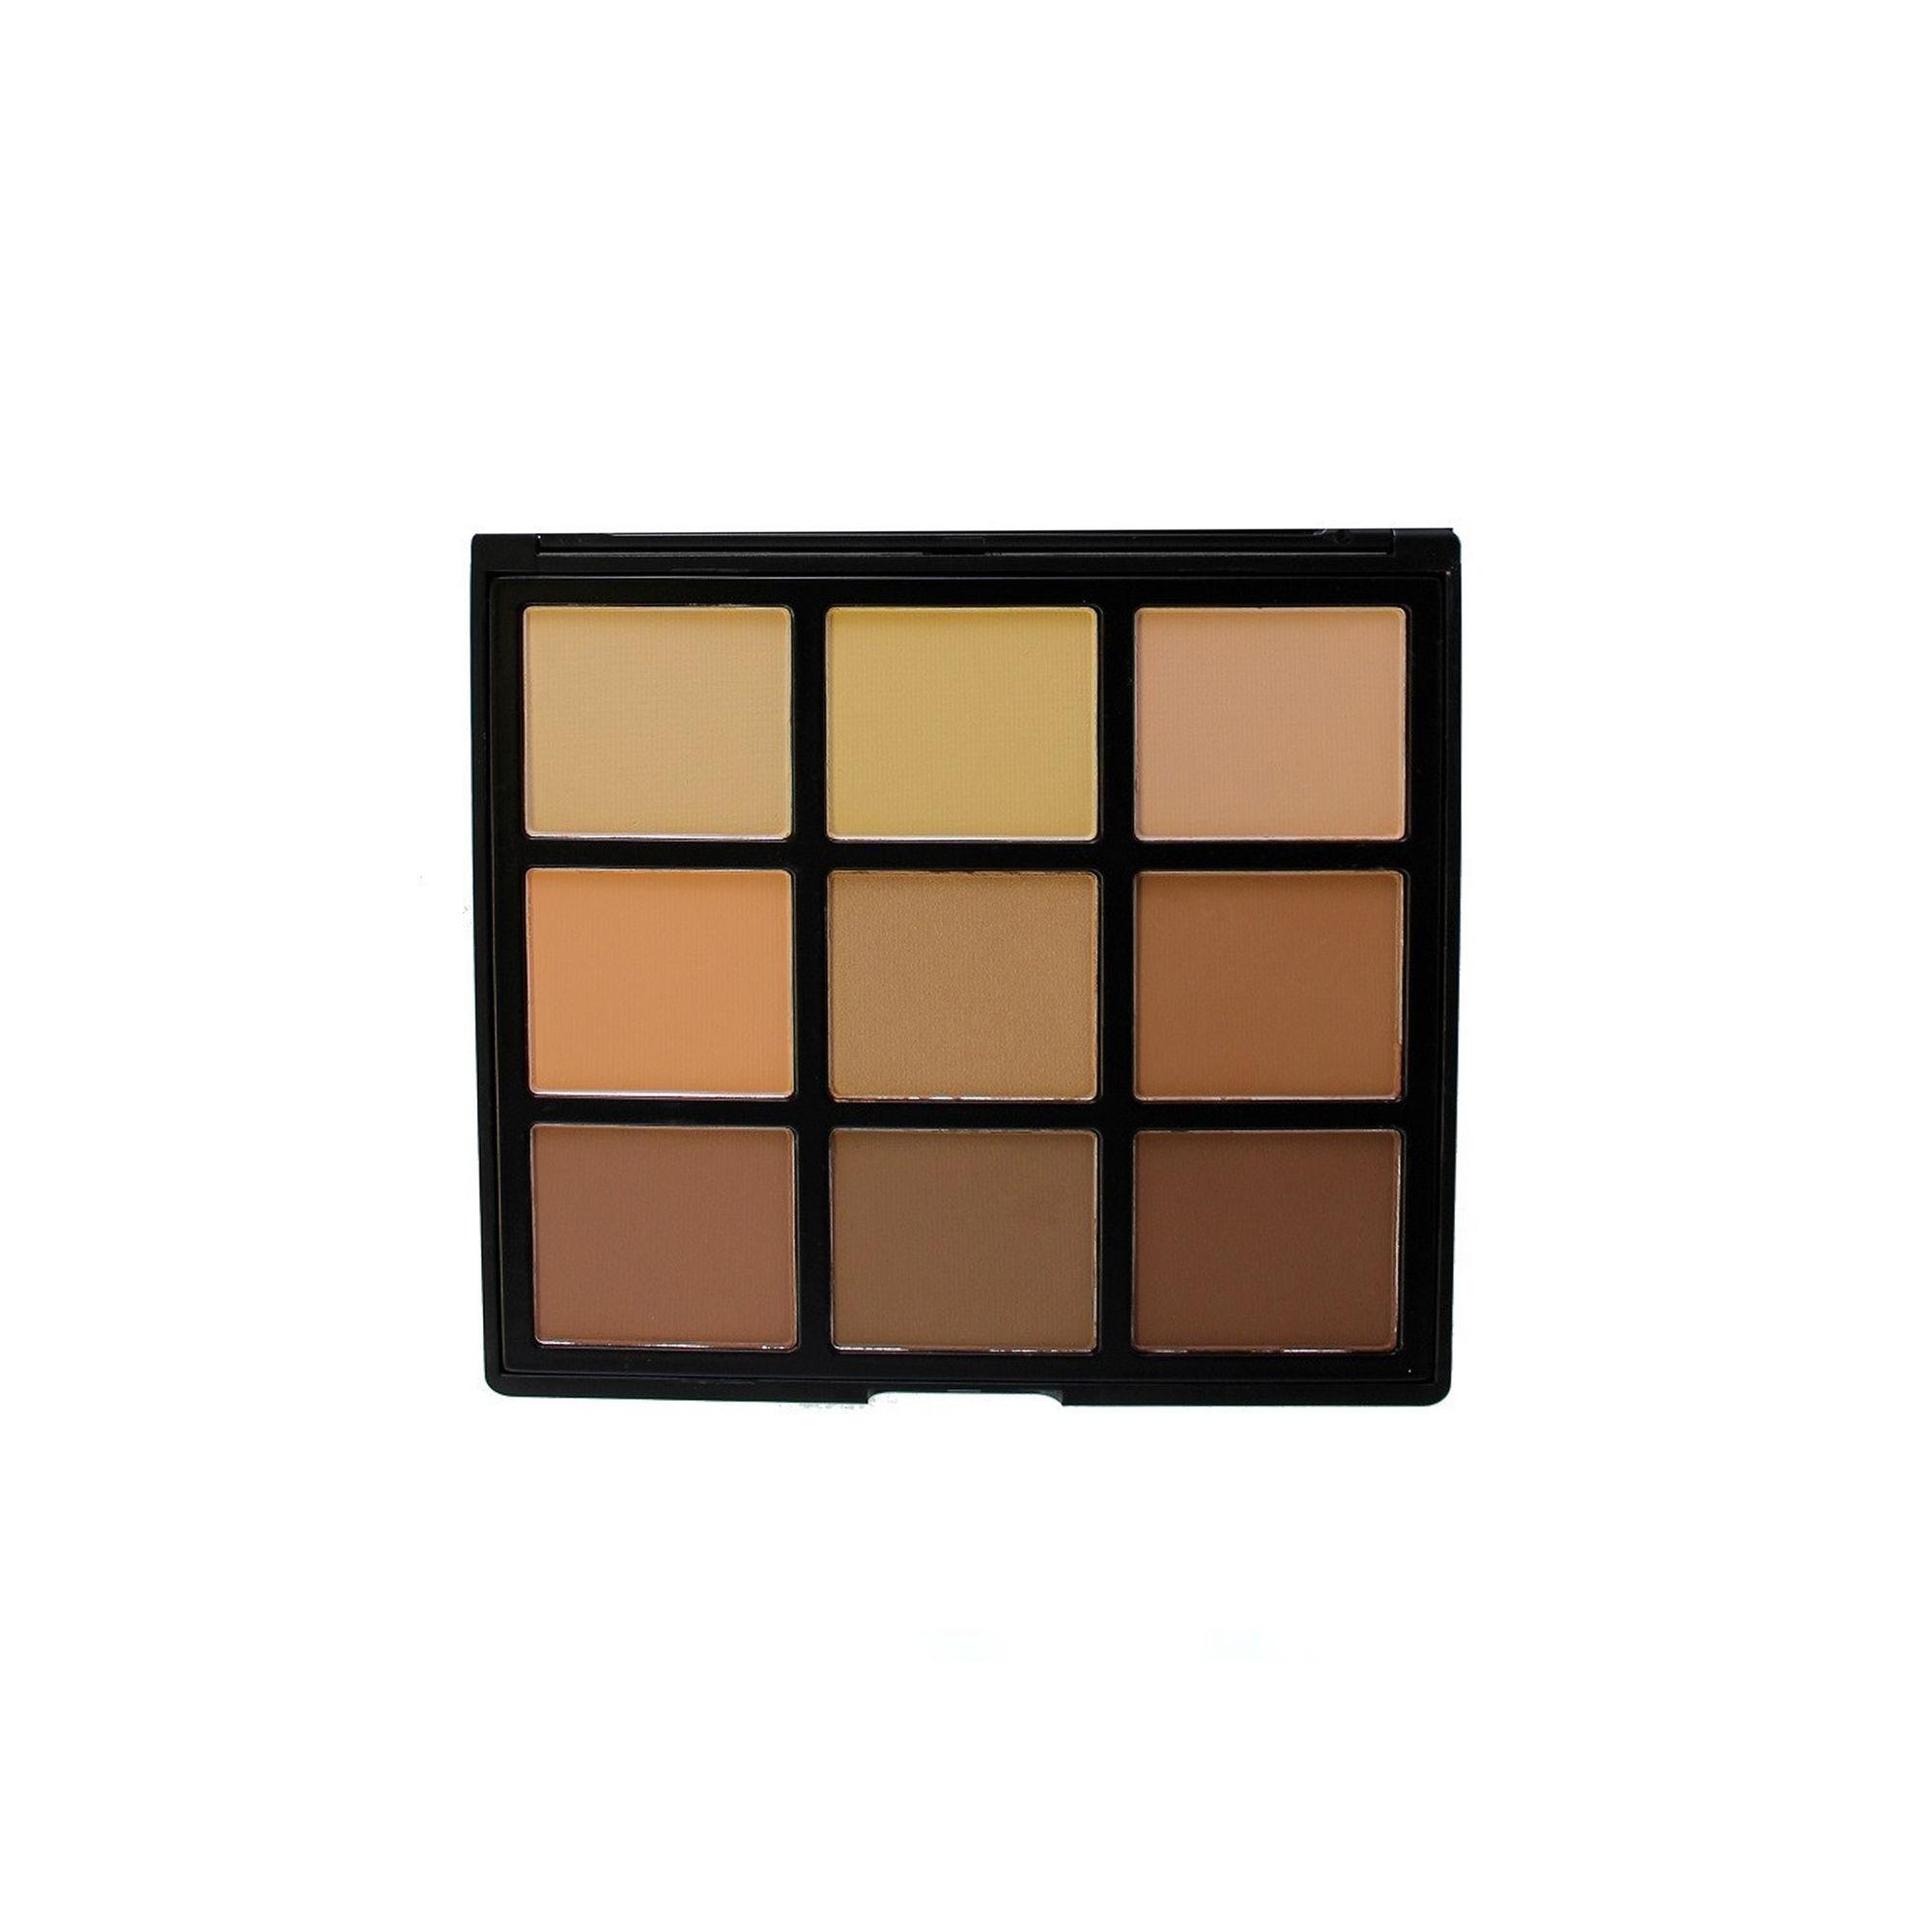 Morphe 9C 9 Colour Highlight Contour Palette